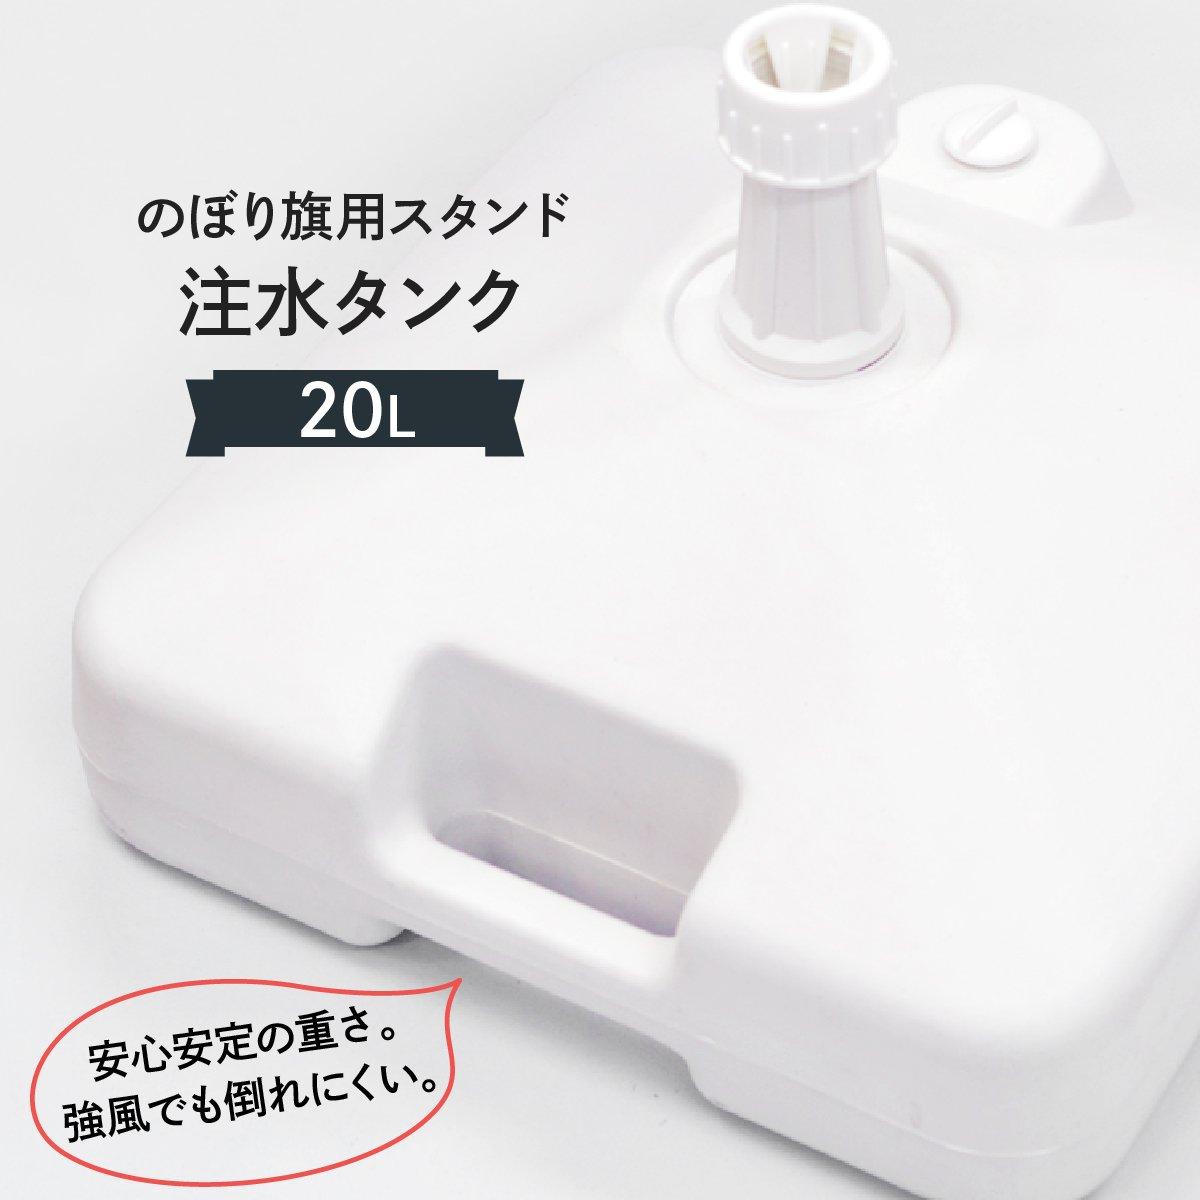 のぼりポールスタンド20L注水台 角型 セール品